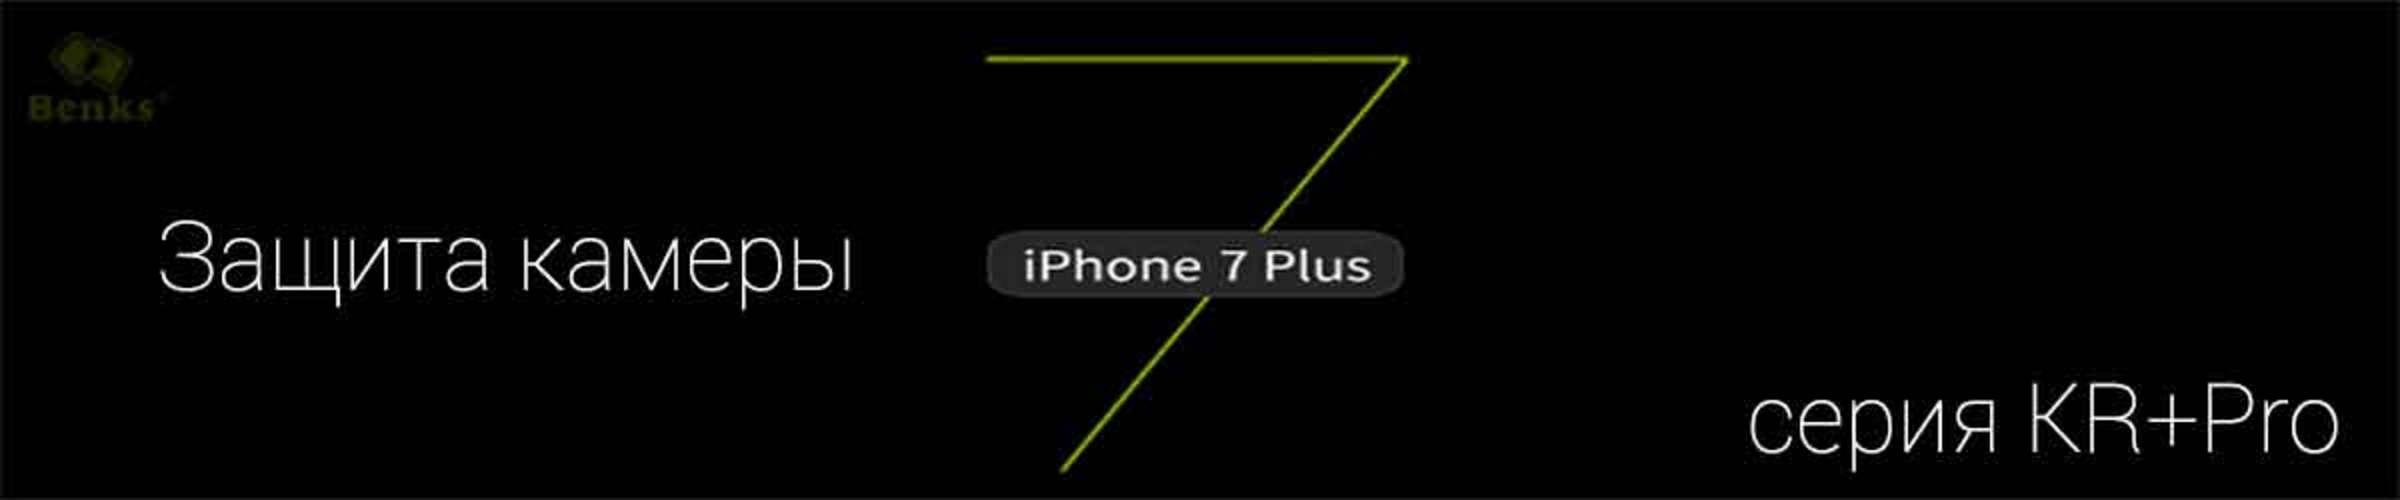 Обзор защитного стекла на камеру iPhone 7 Plus. Benks